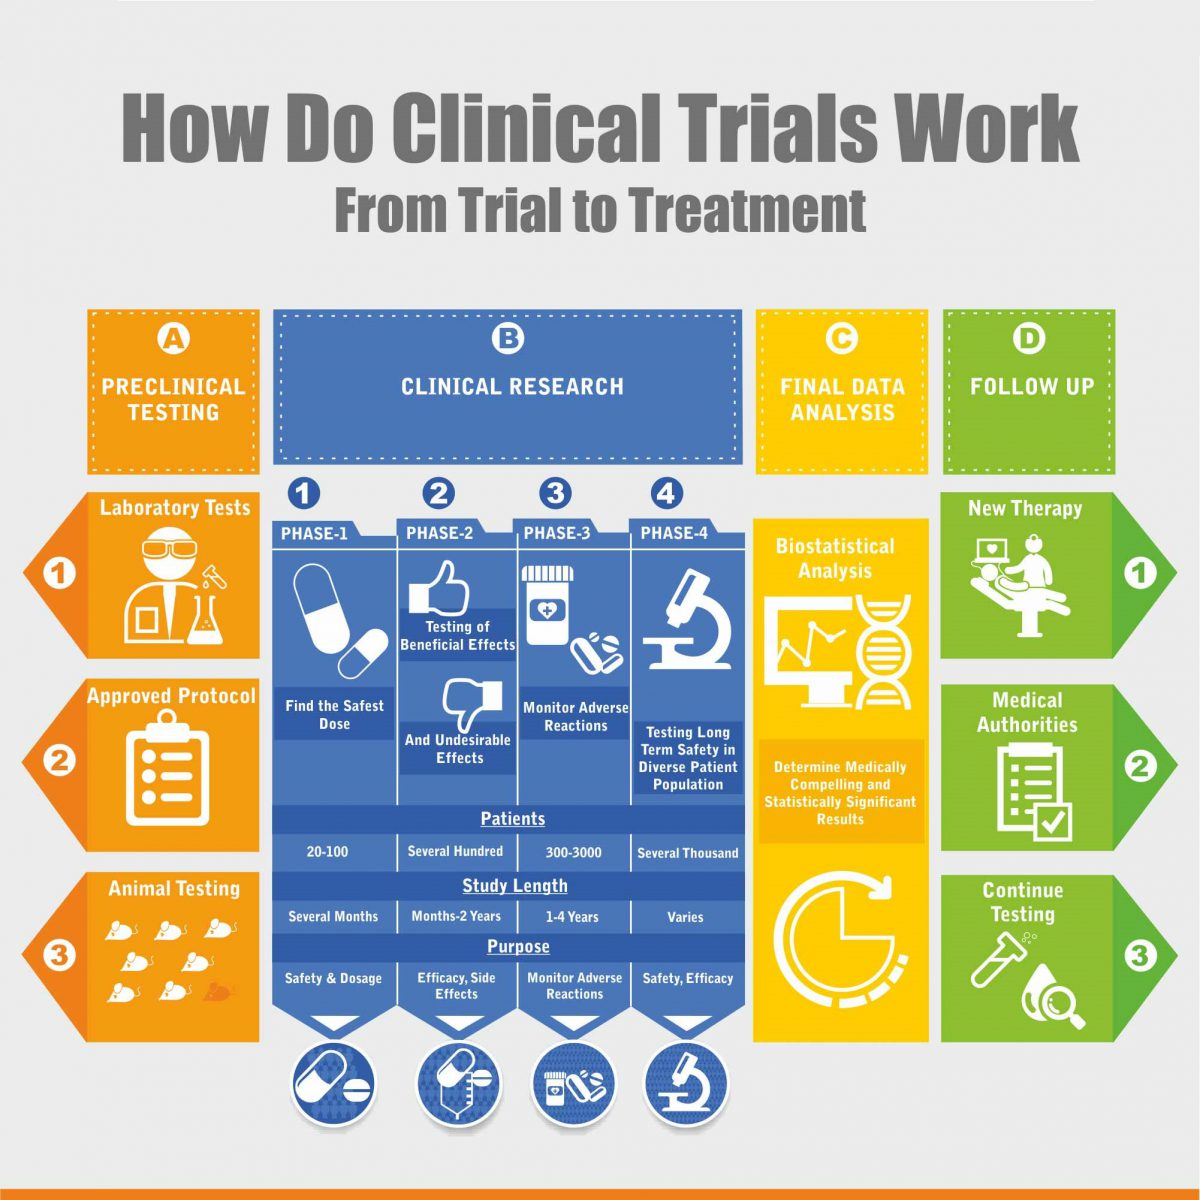 https://neuropain.com/wp-content/uploads/2016/03/clinical-trials-process-1-1200x1200.jpg